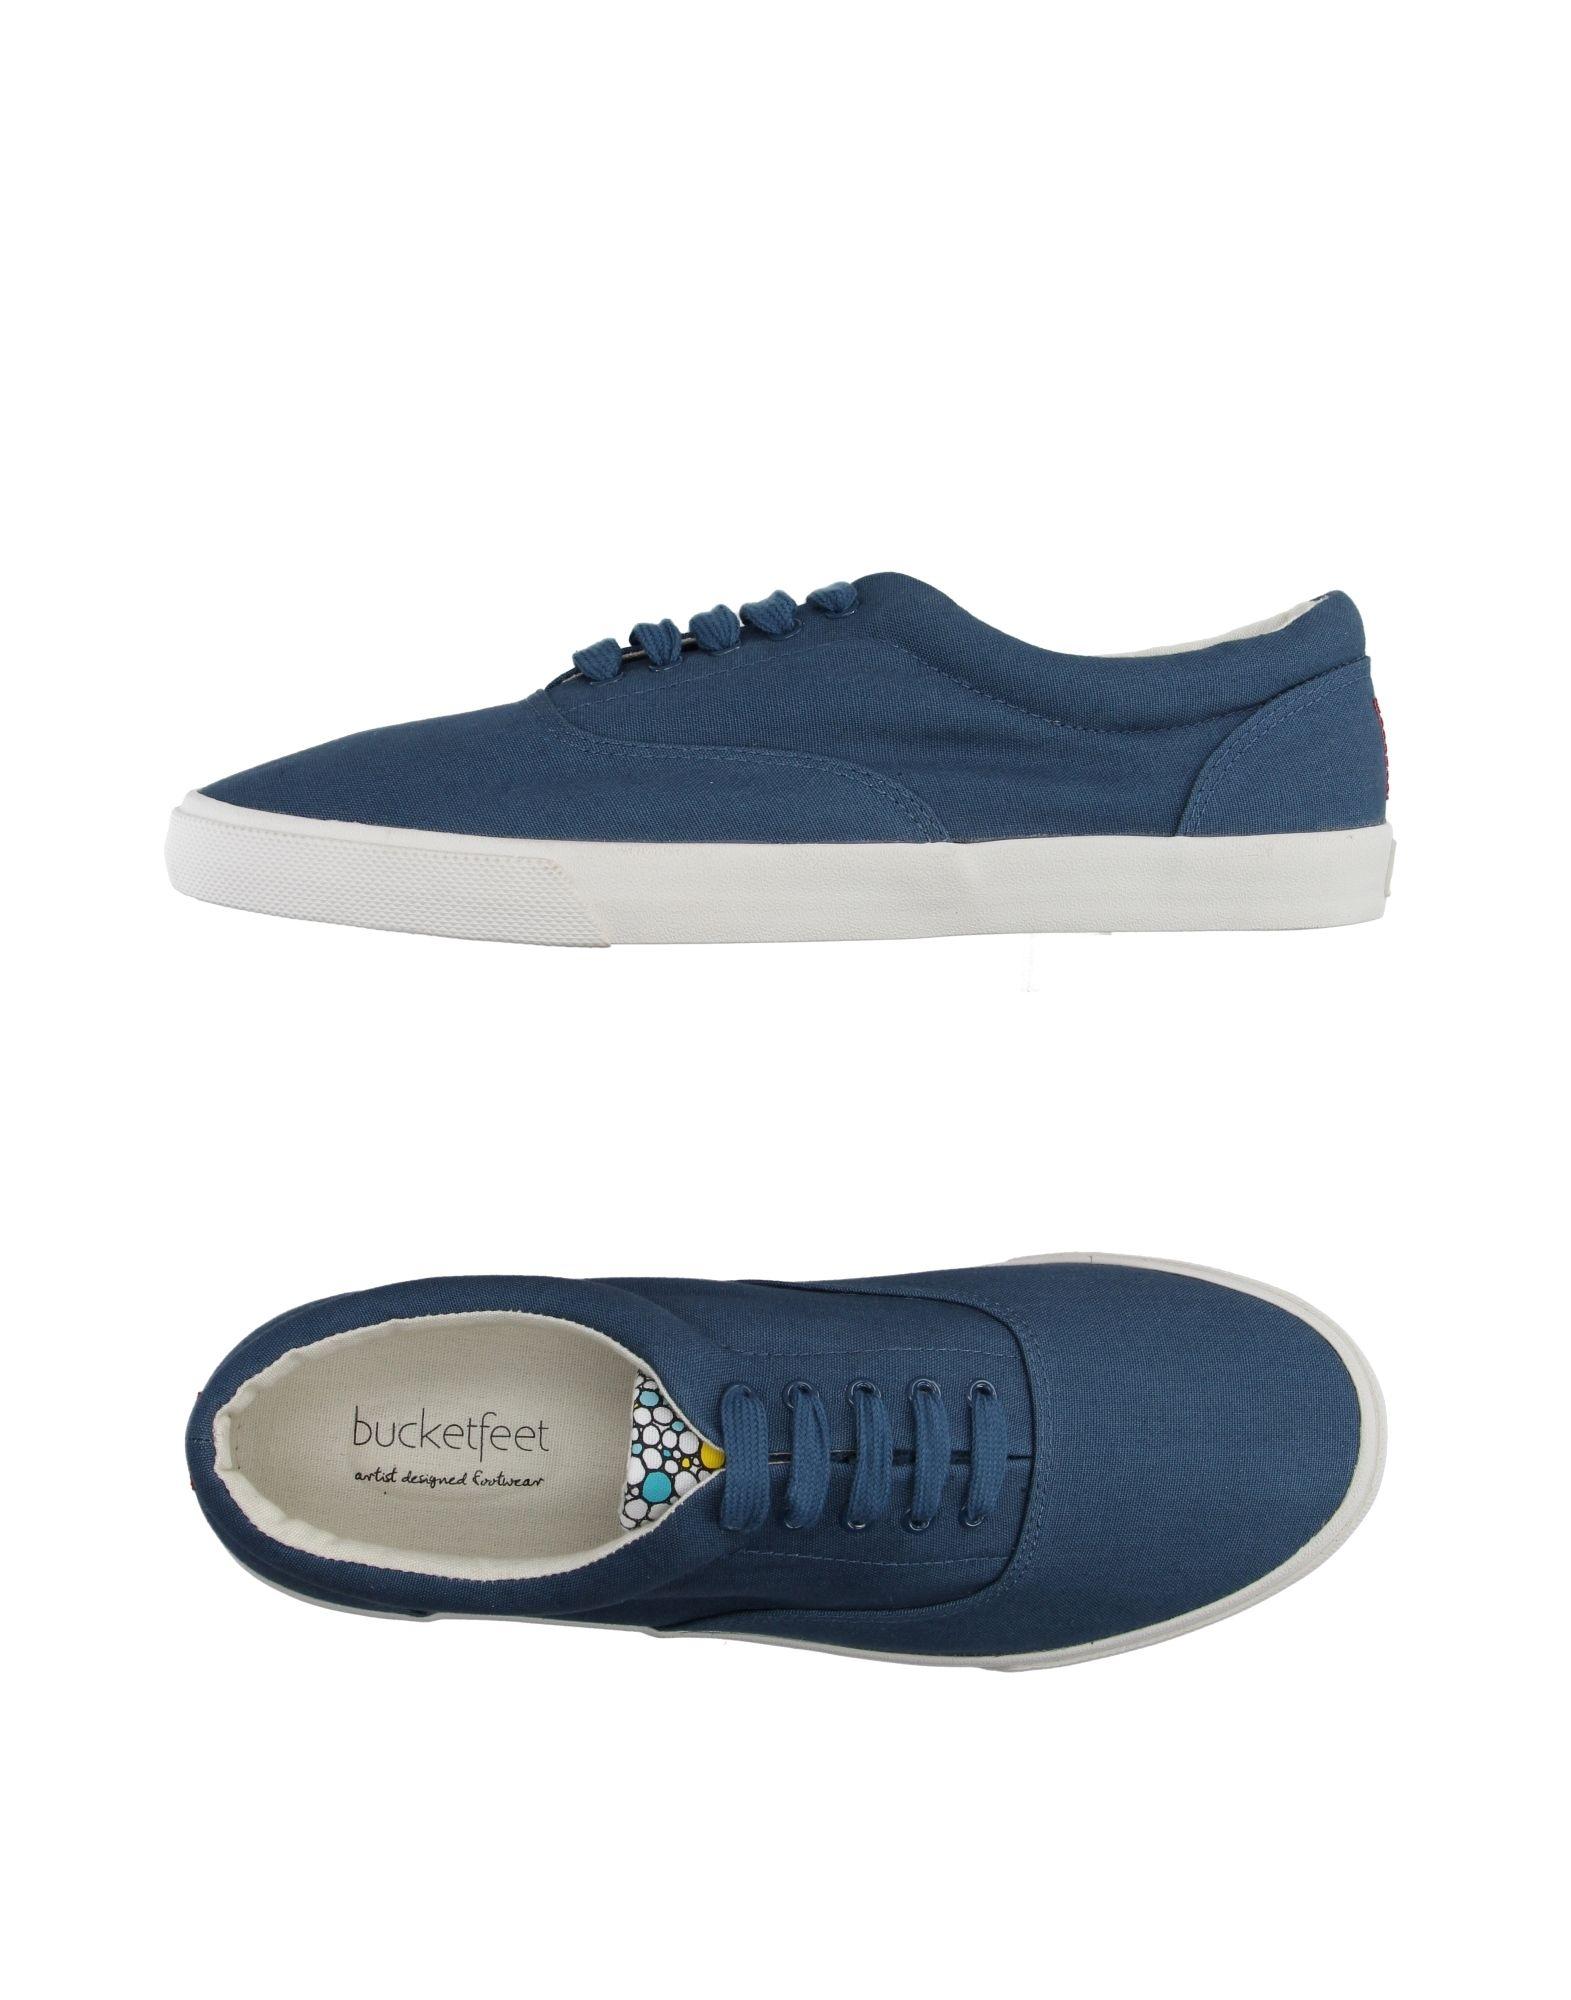 Rabatt echte Schuhe Bucketfeet Sneakers Herren  11068443JE